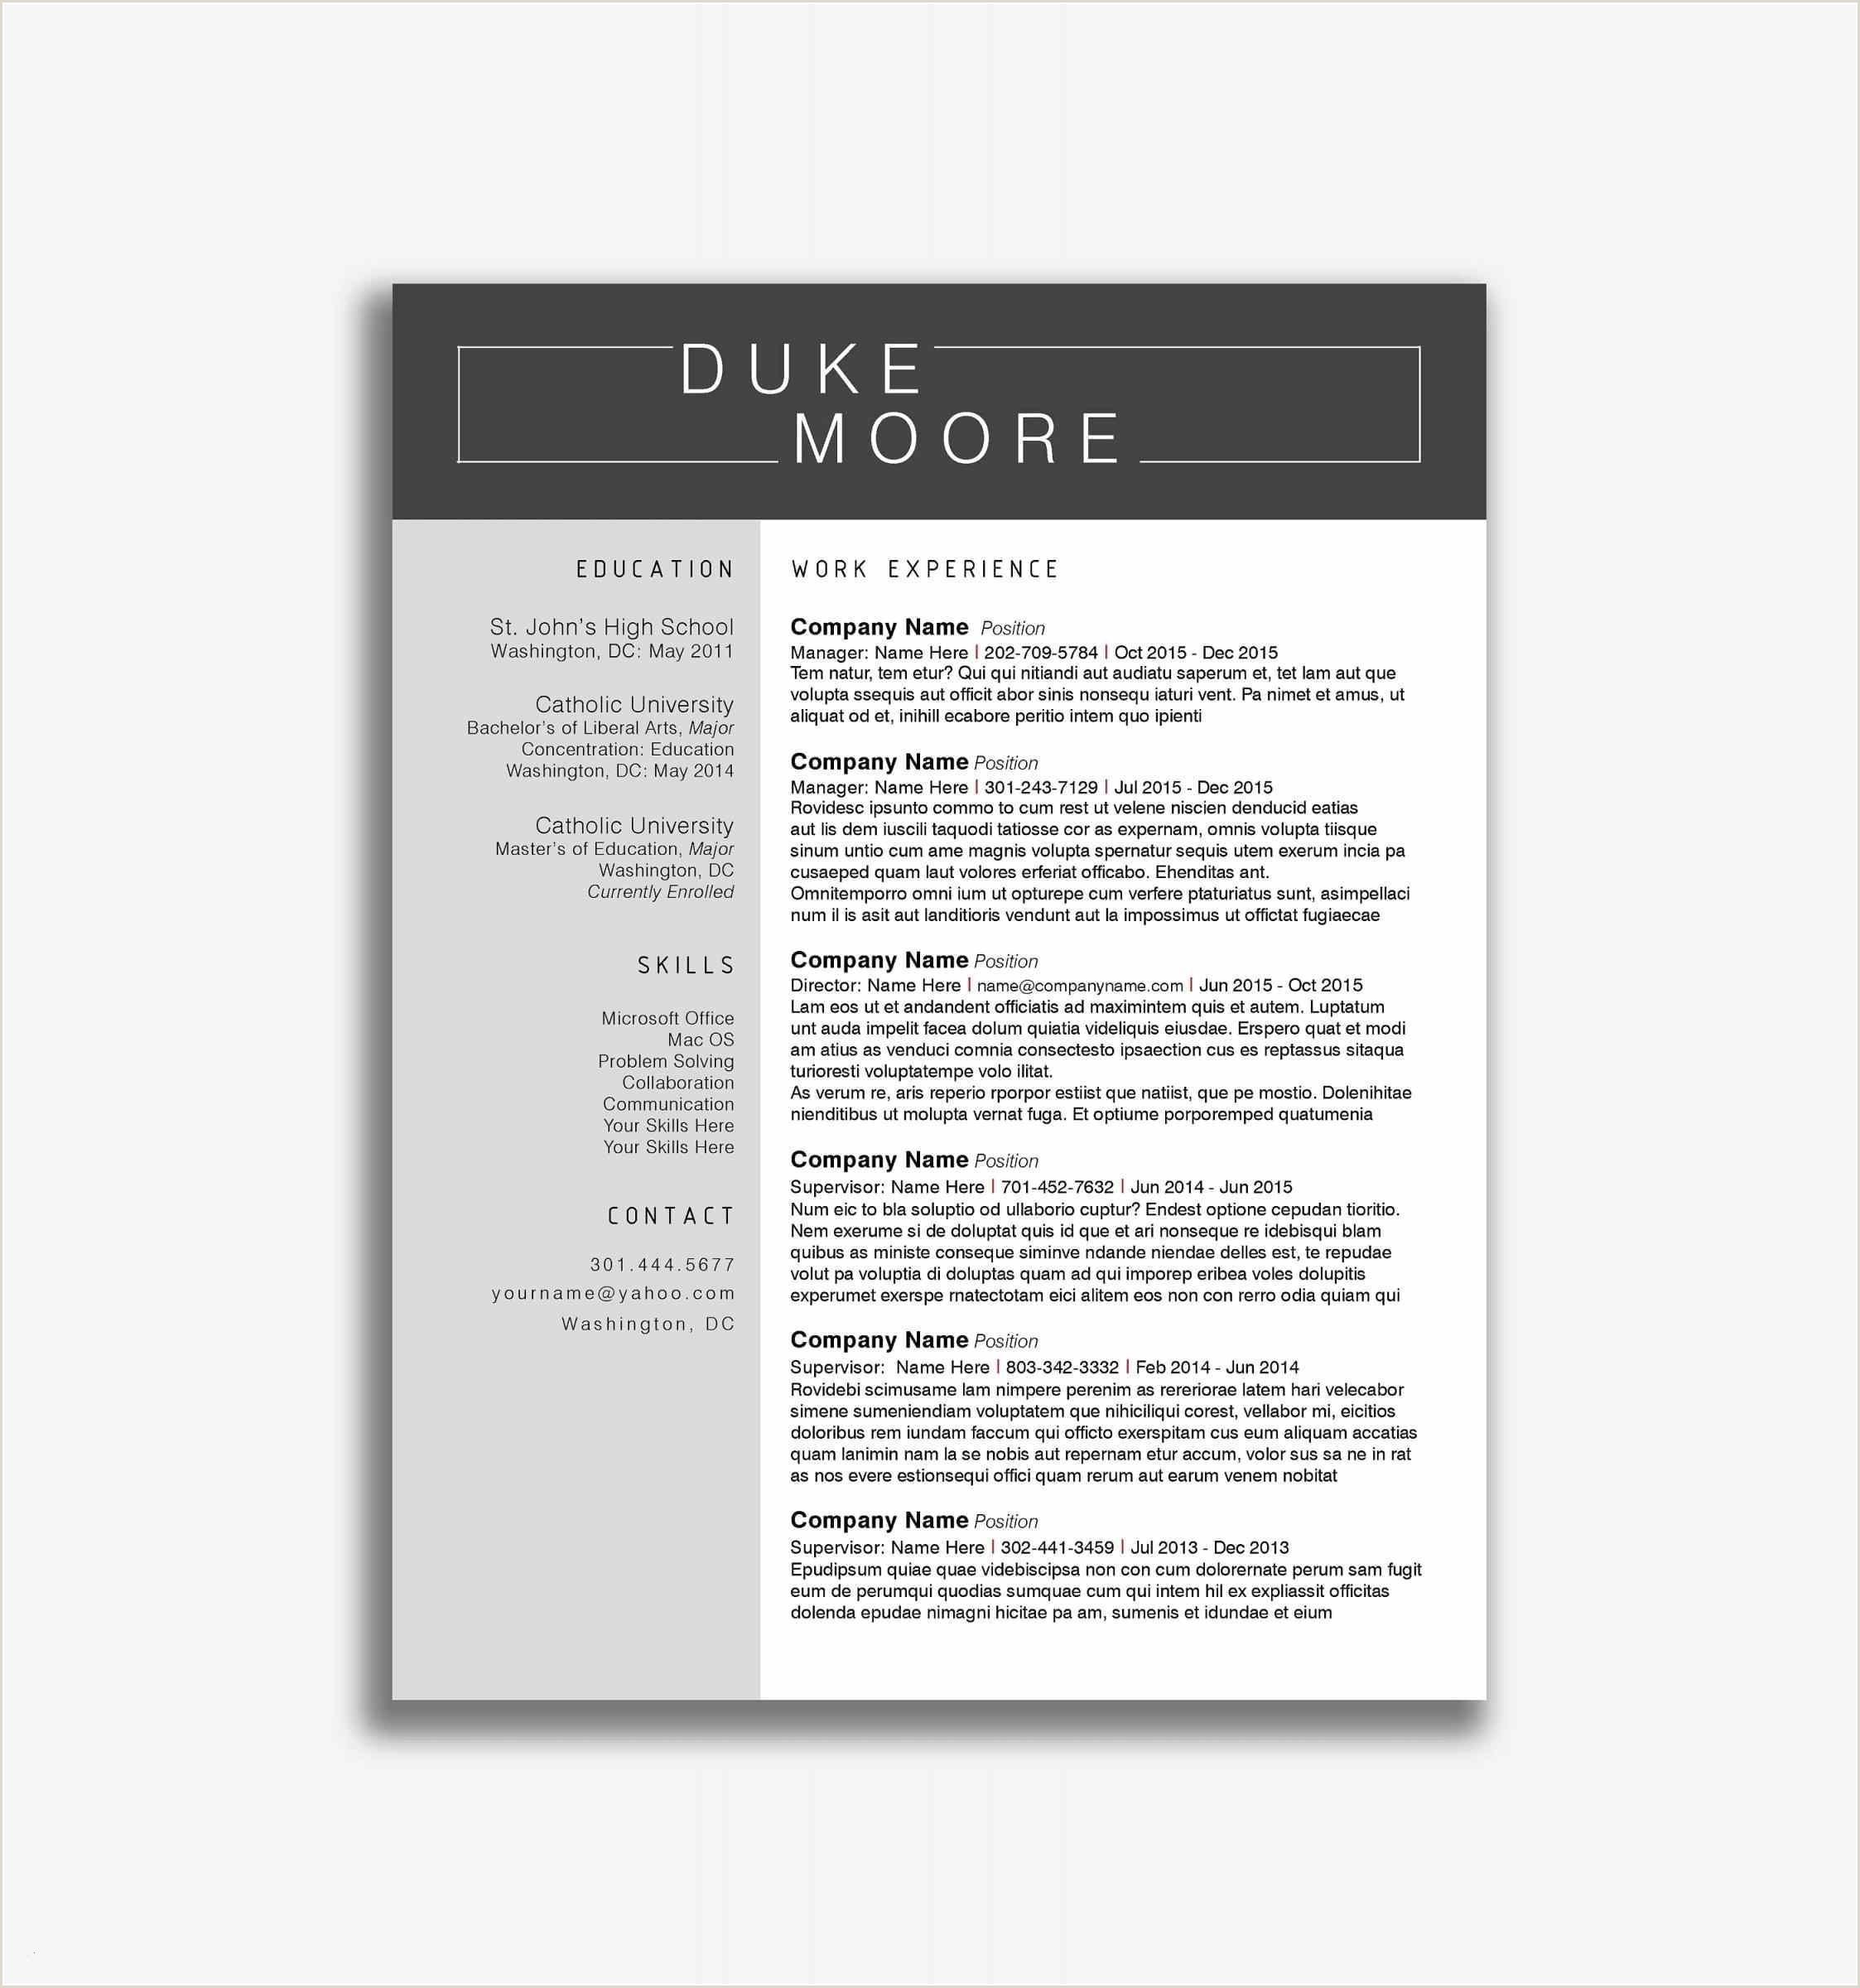 Plantillas Curriculum Vitae Para Rellenar E Imprimir Gratis Curriculumdoc